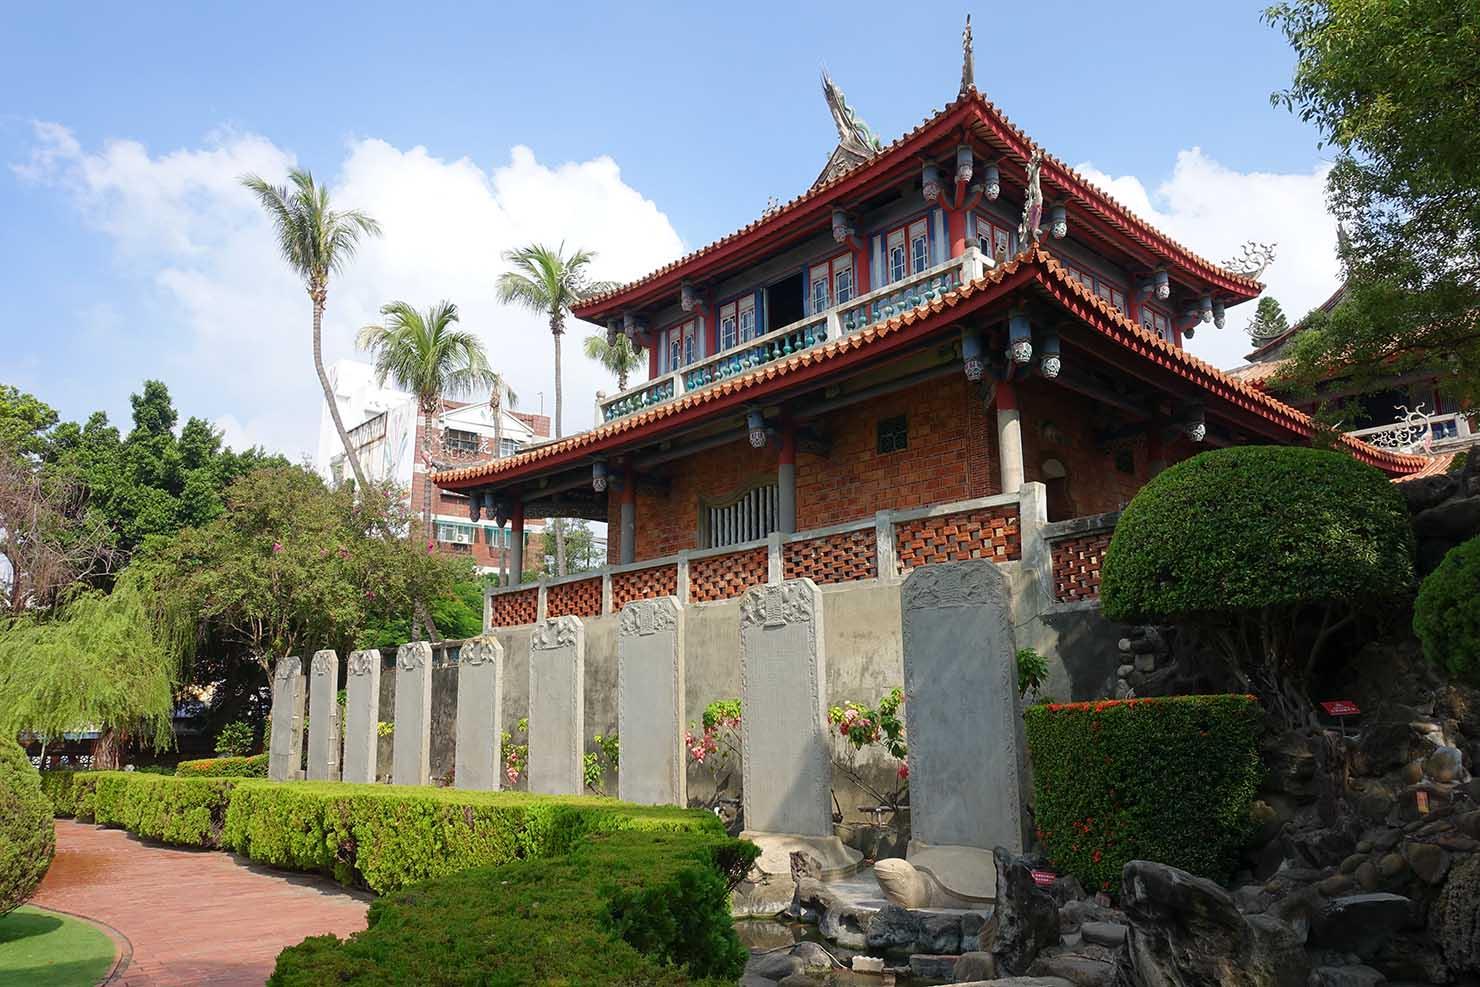 台湾の古都・台南のおすすめ観光スポット「赤崁樓」の文昌閣